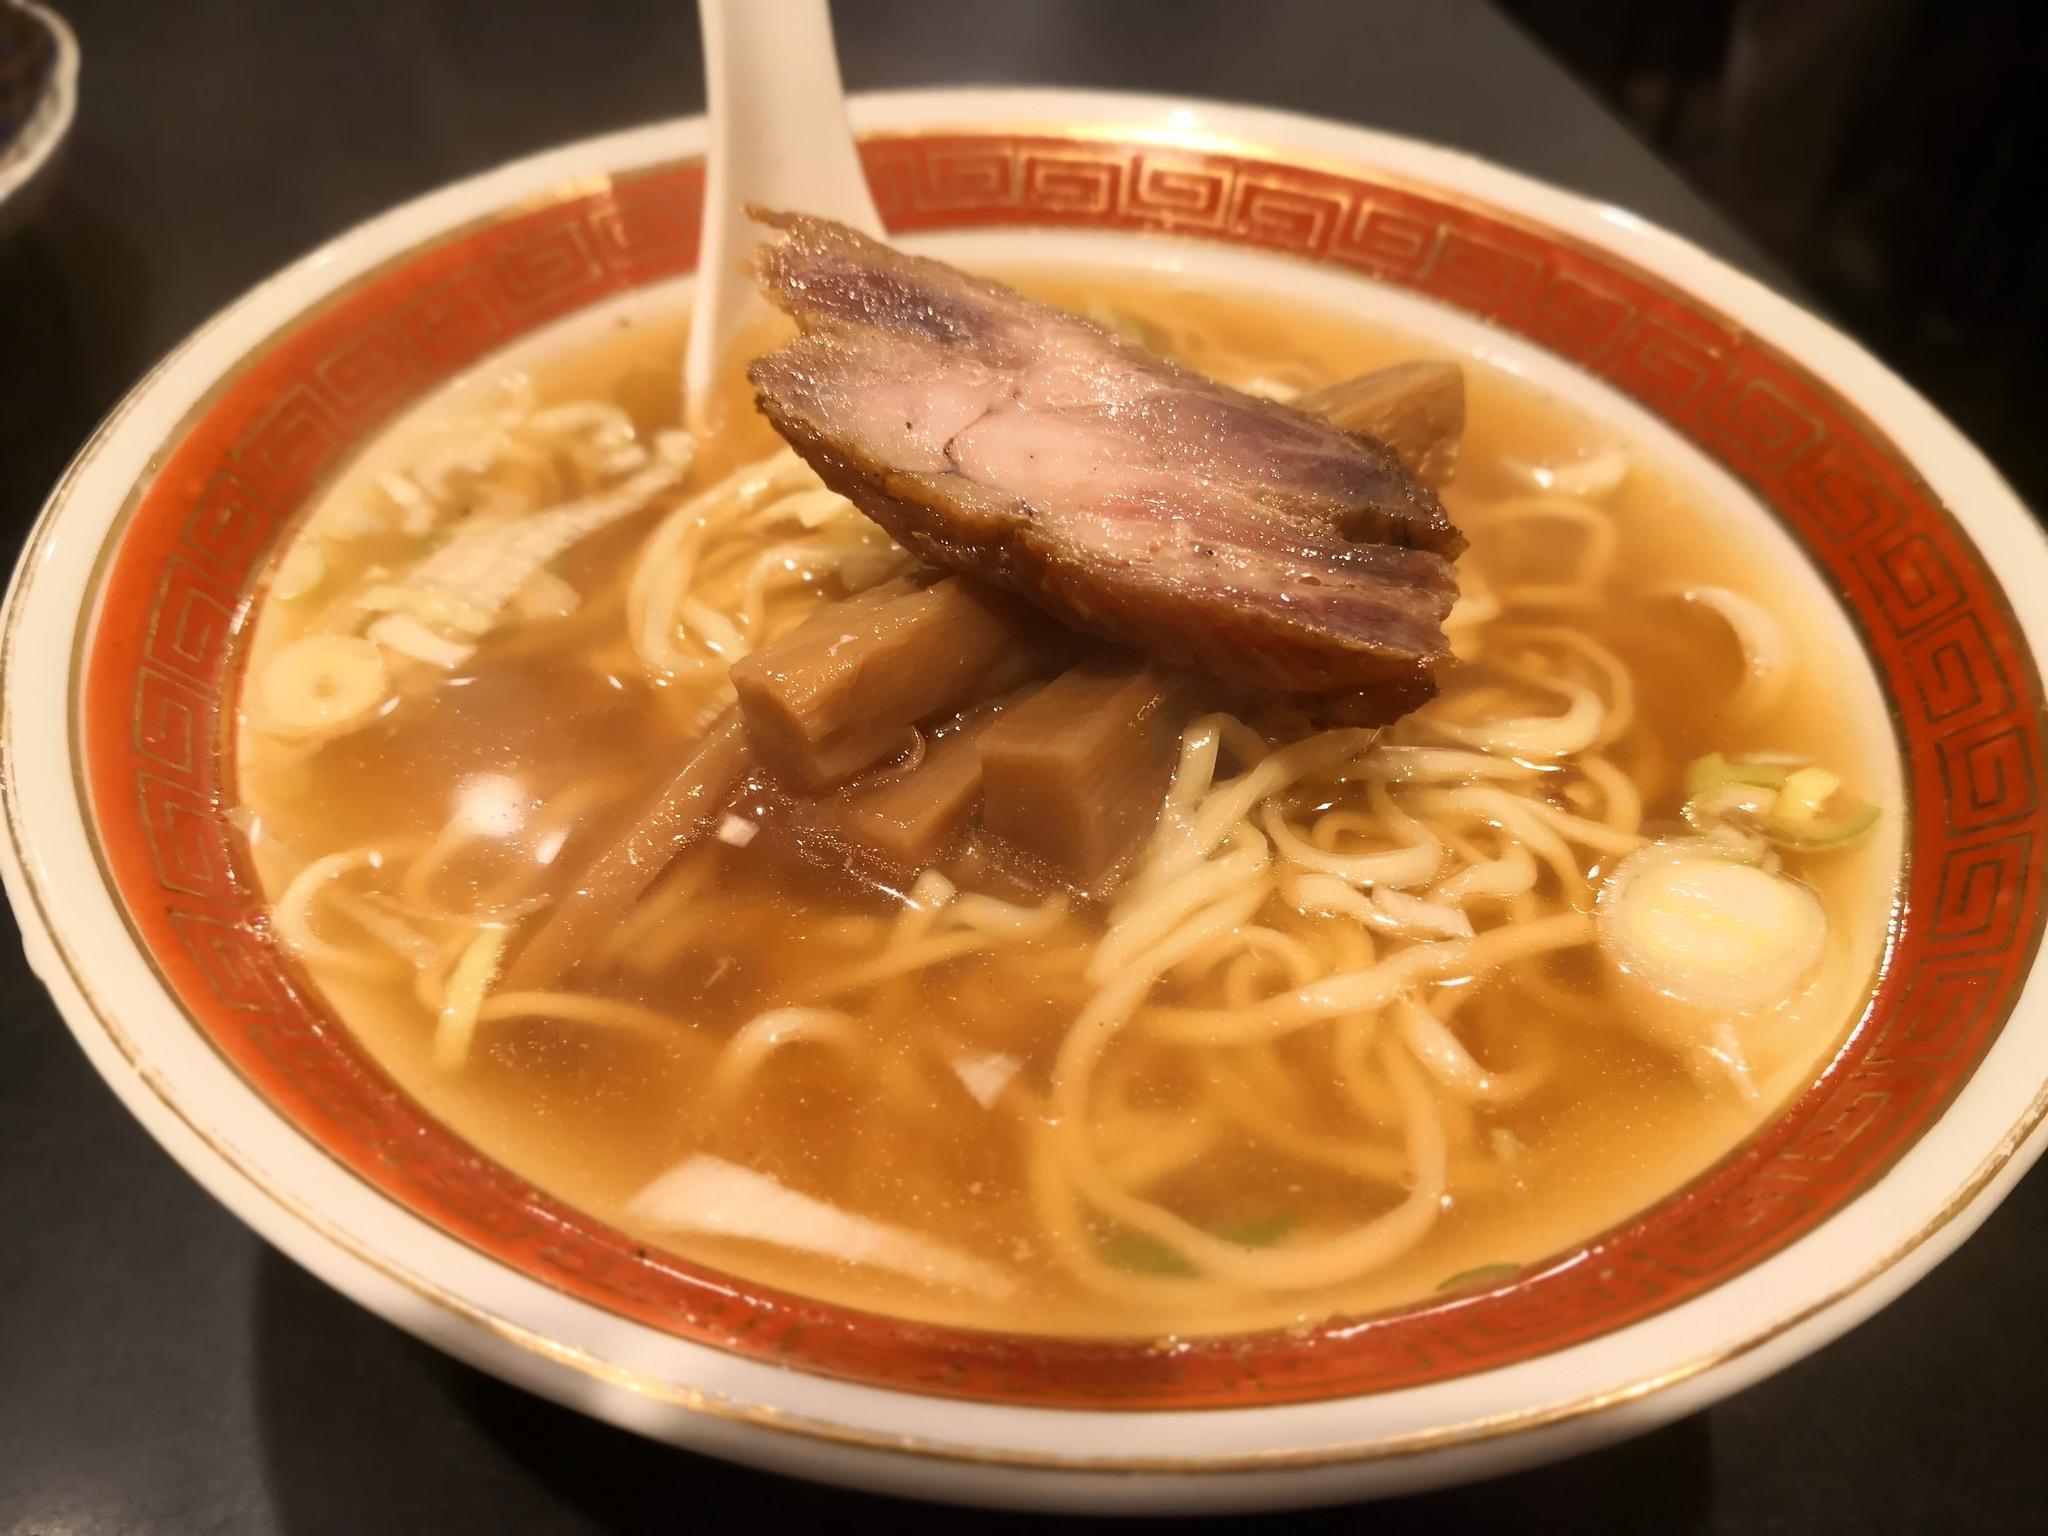 【五反田】広東料理 亜細亜@老舗中華の優しい味わい。定番メニューが美味しいのが嬉しい。